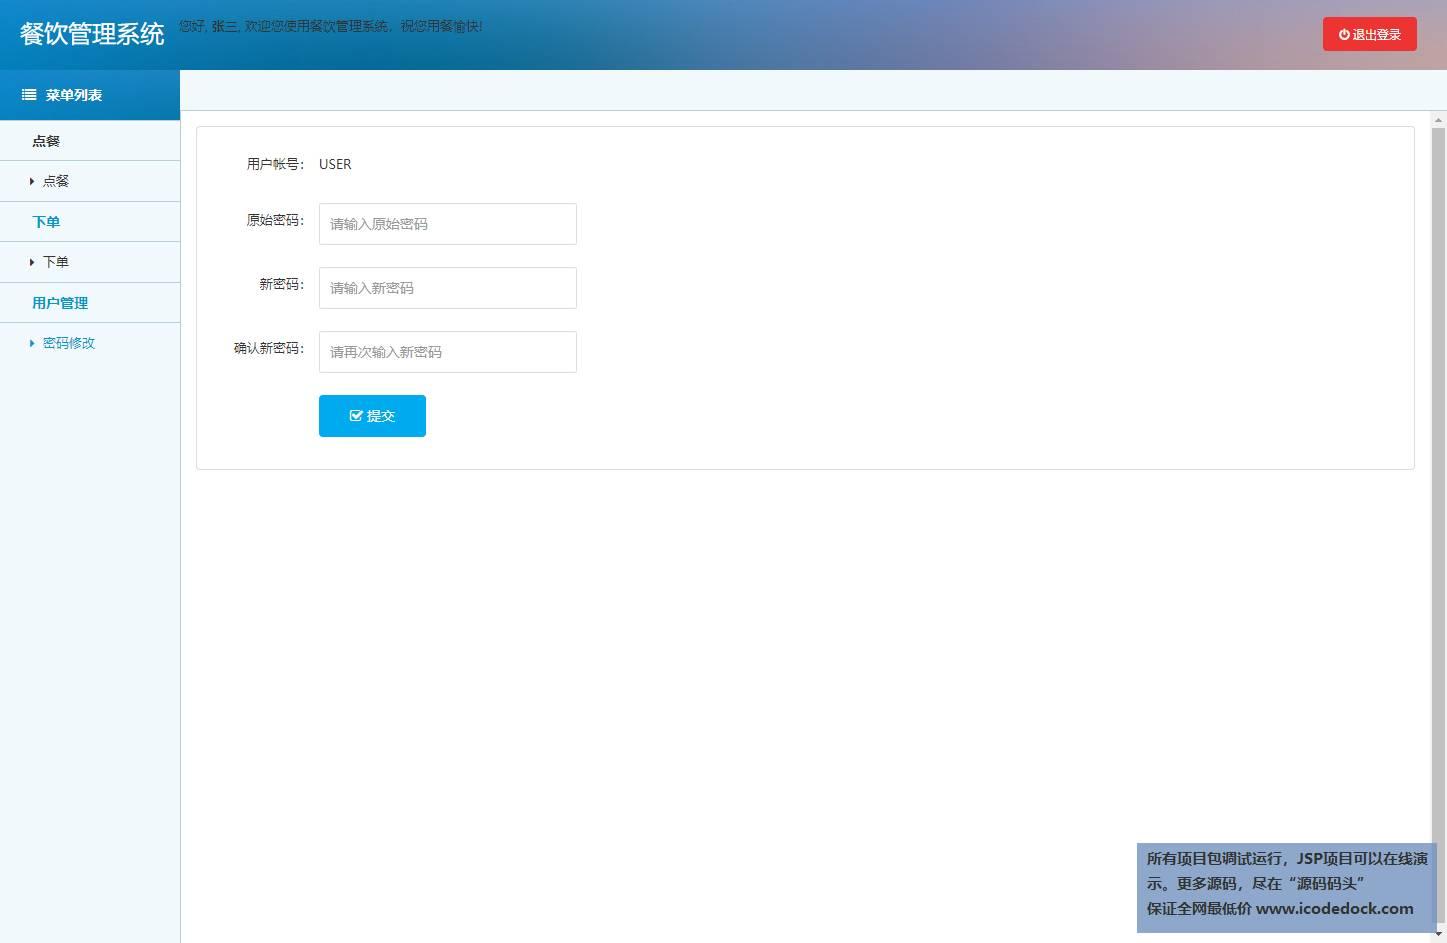 源码码头-SSM在线餐饮管理系统-用户角色-修改密码